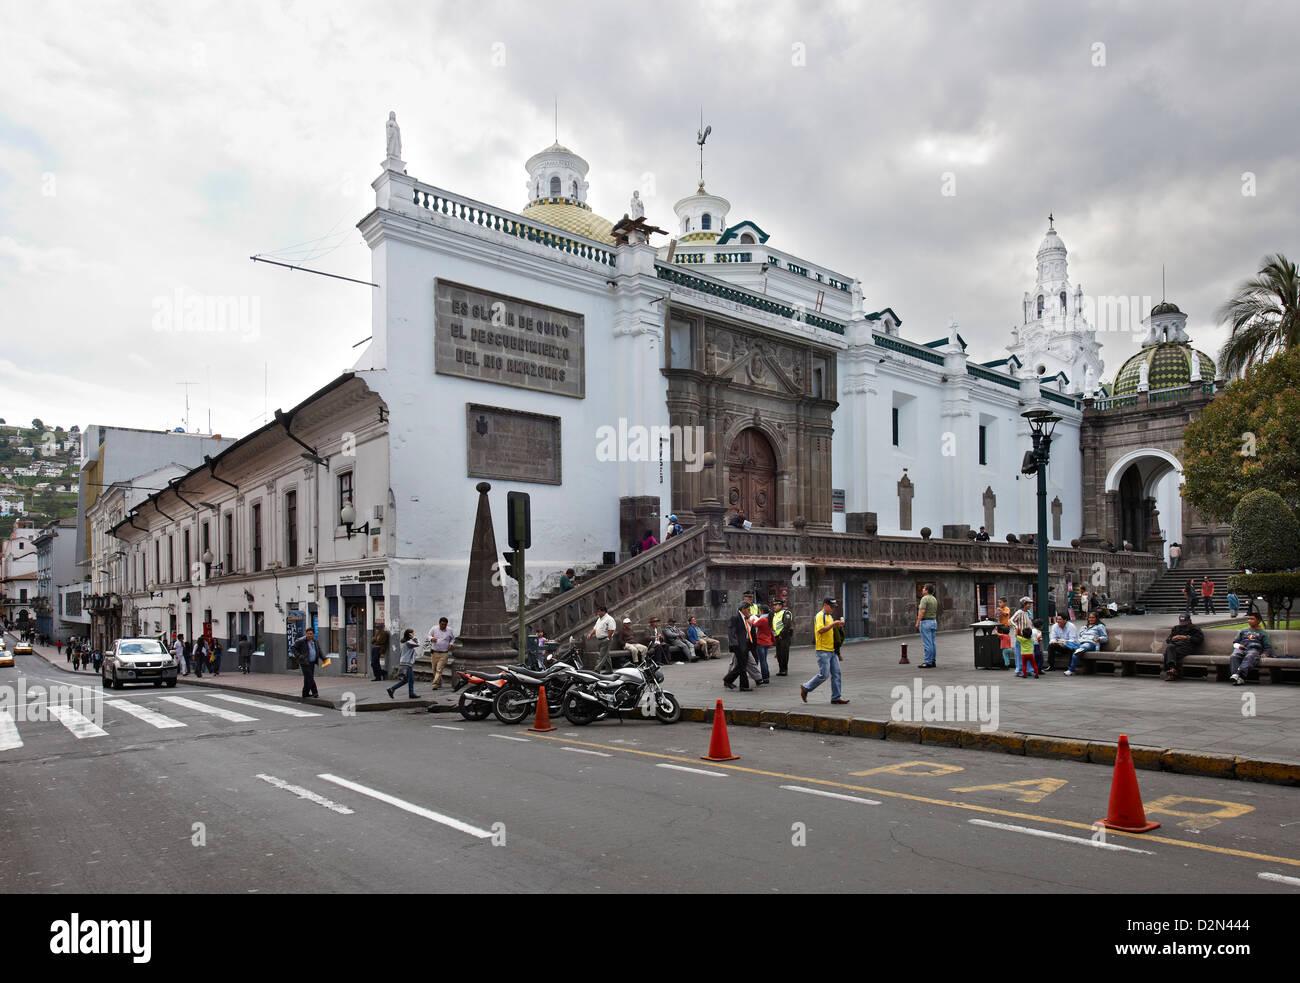 La Catedral Metropolitana, el centro histórico de Quito, Ecuador Imagen De Stock